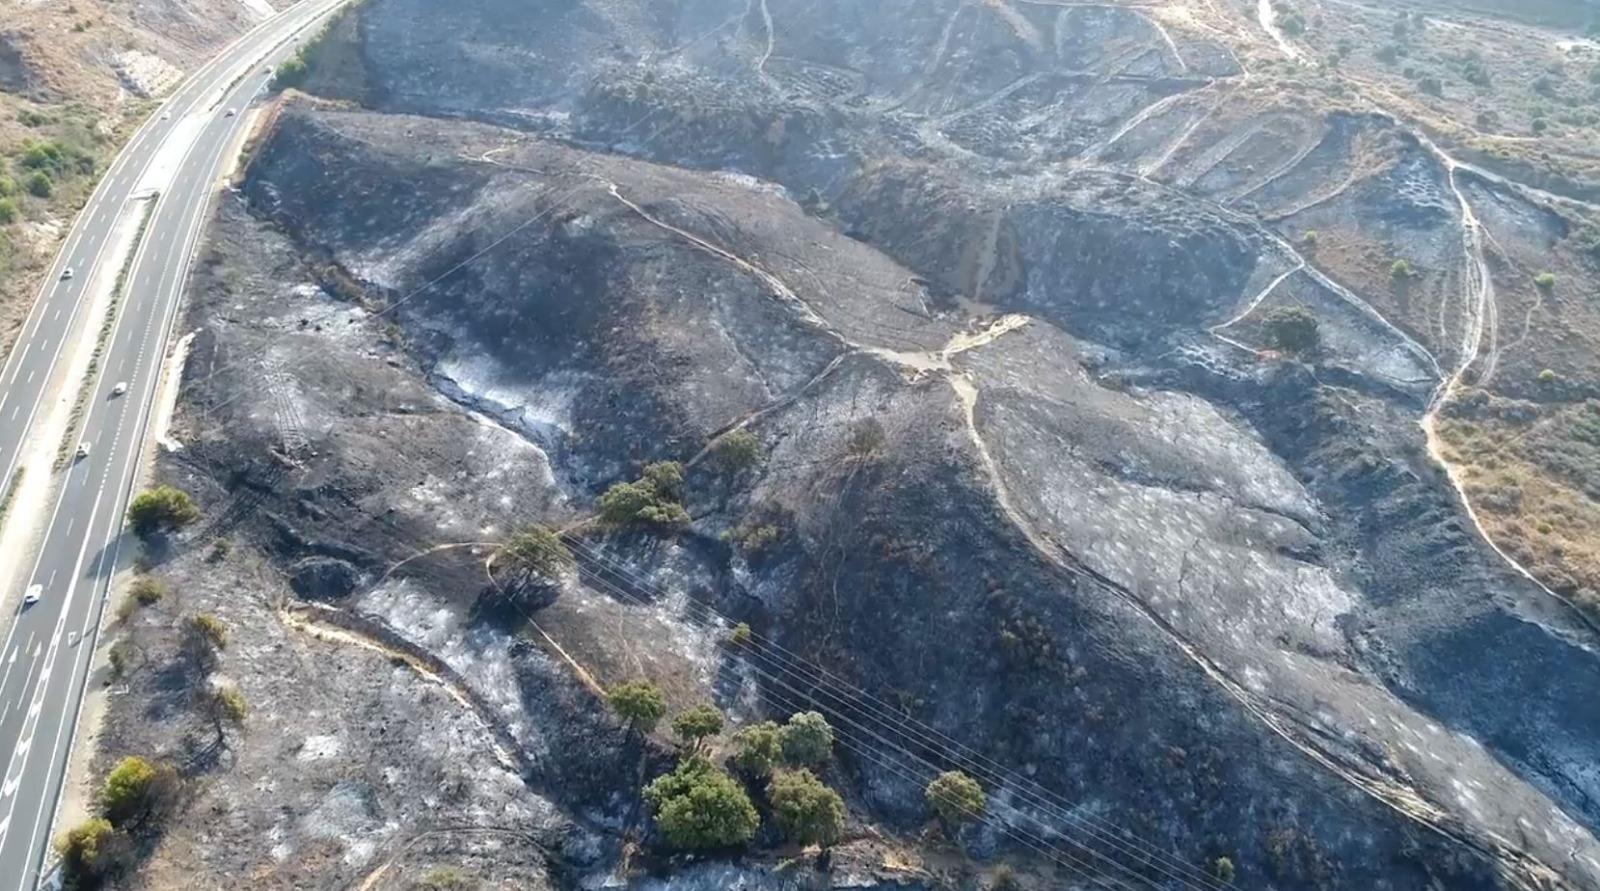 Vídeo   La zona arrasada por el incendio forestal de Marbella, a vista de dron